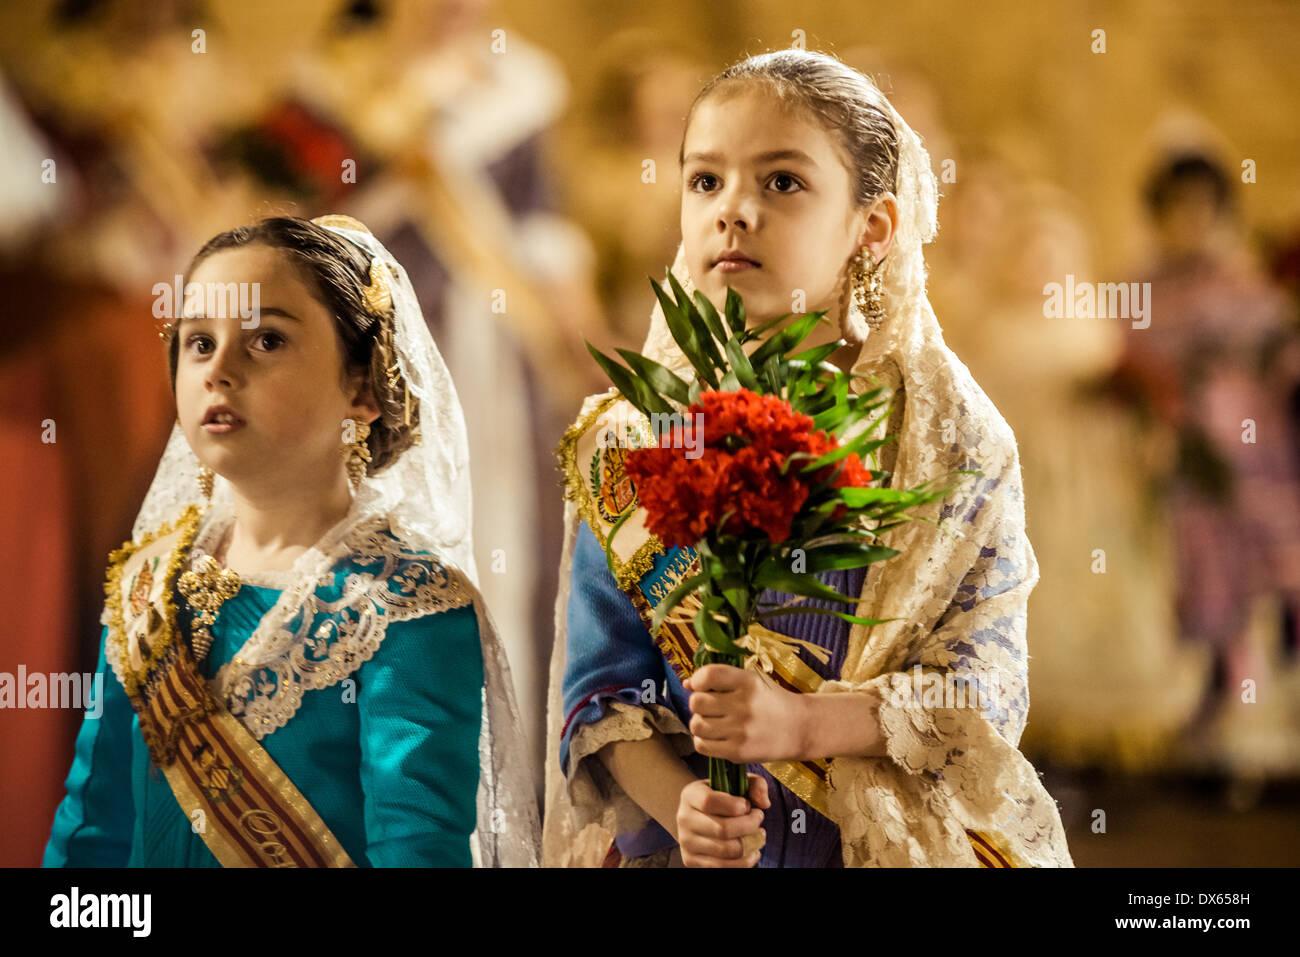 Valencia, Spanien. 18. März 2014: ein wenig Fallera schließlich bietet ihren Blumenstrauß der Jungfrau und übergibt sie an die Jungfrauen Bild platziert werden. Bildnachweis: Matthi/Alamy Live-Nachrichten Stockbild